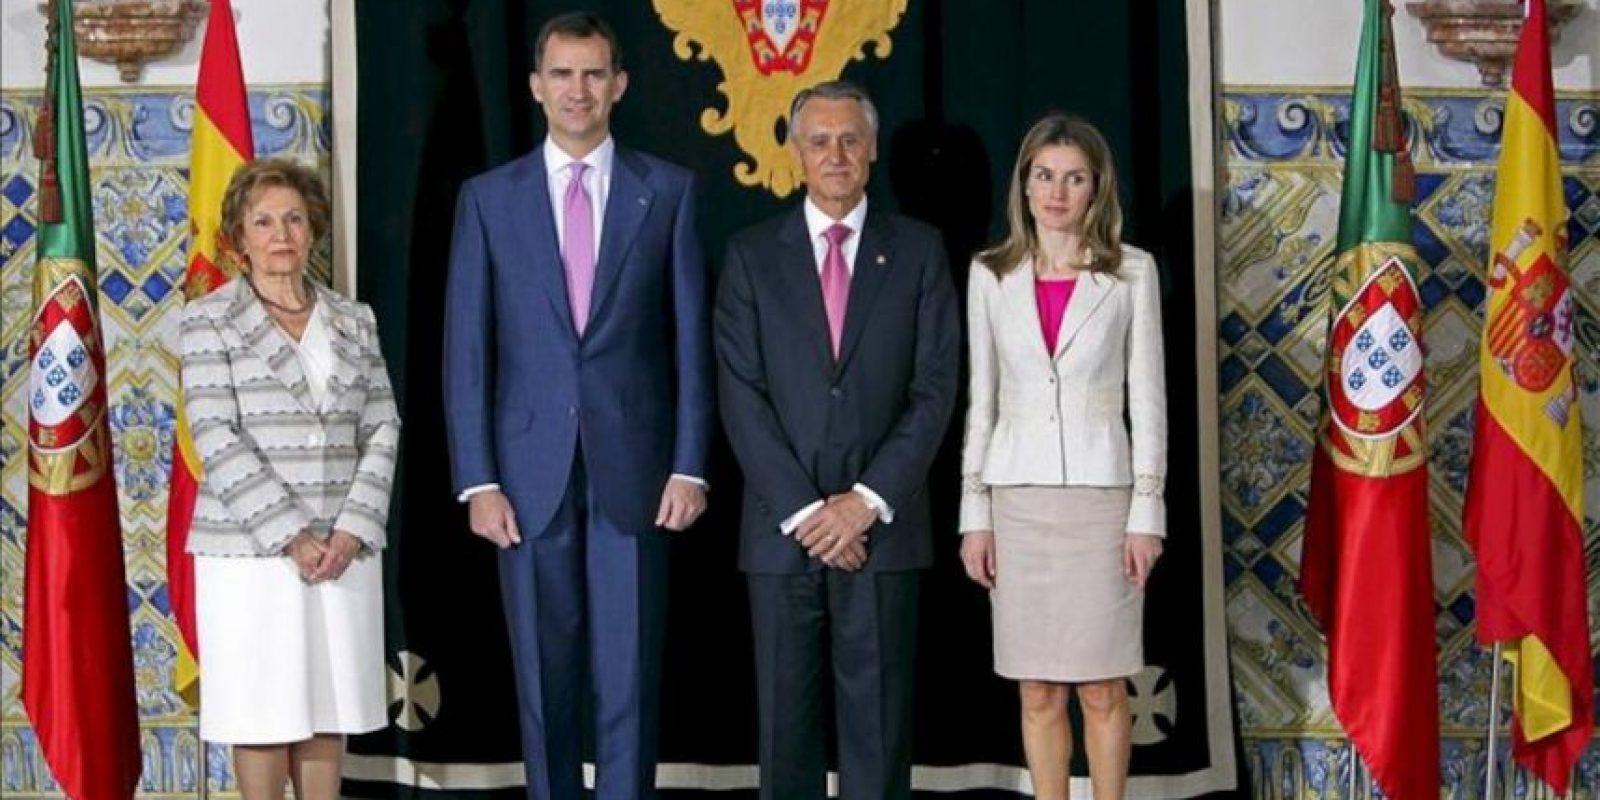 El presidente portugués, Aníbal Cavaco Silva (2d), su esposa María Cavaco Silva (i) y los príncipes de Asturias posan para los fotógrafos, hoy en el Palacio de Belém, en Lisboa (Portugal). EFE